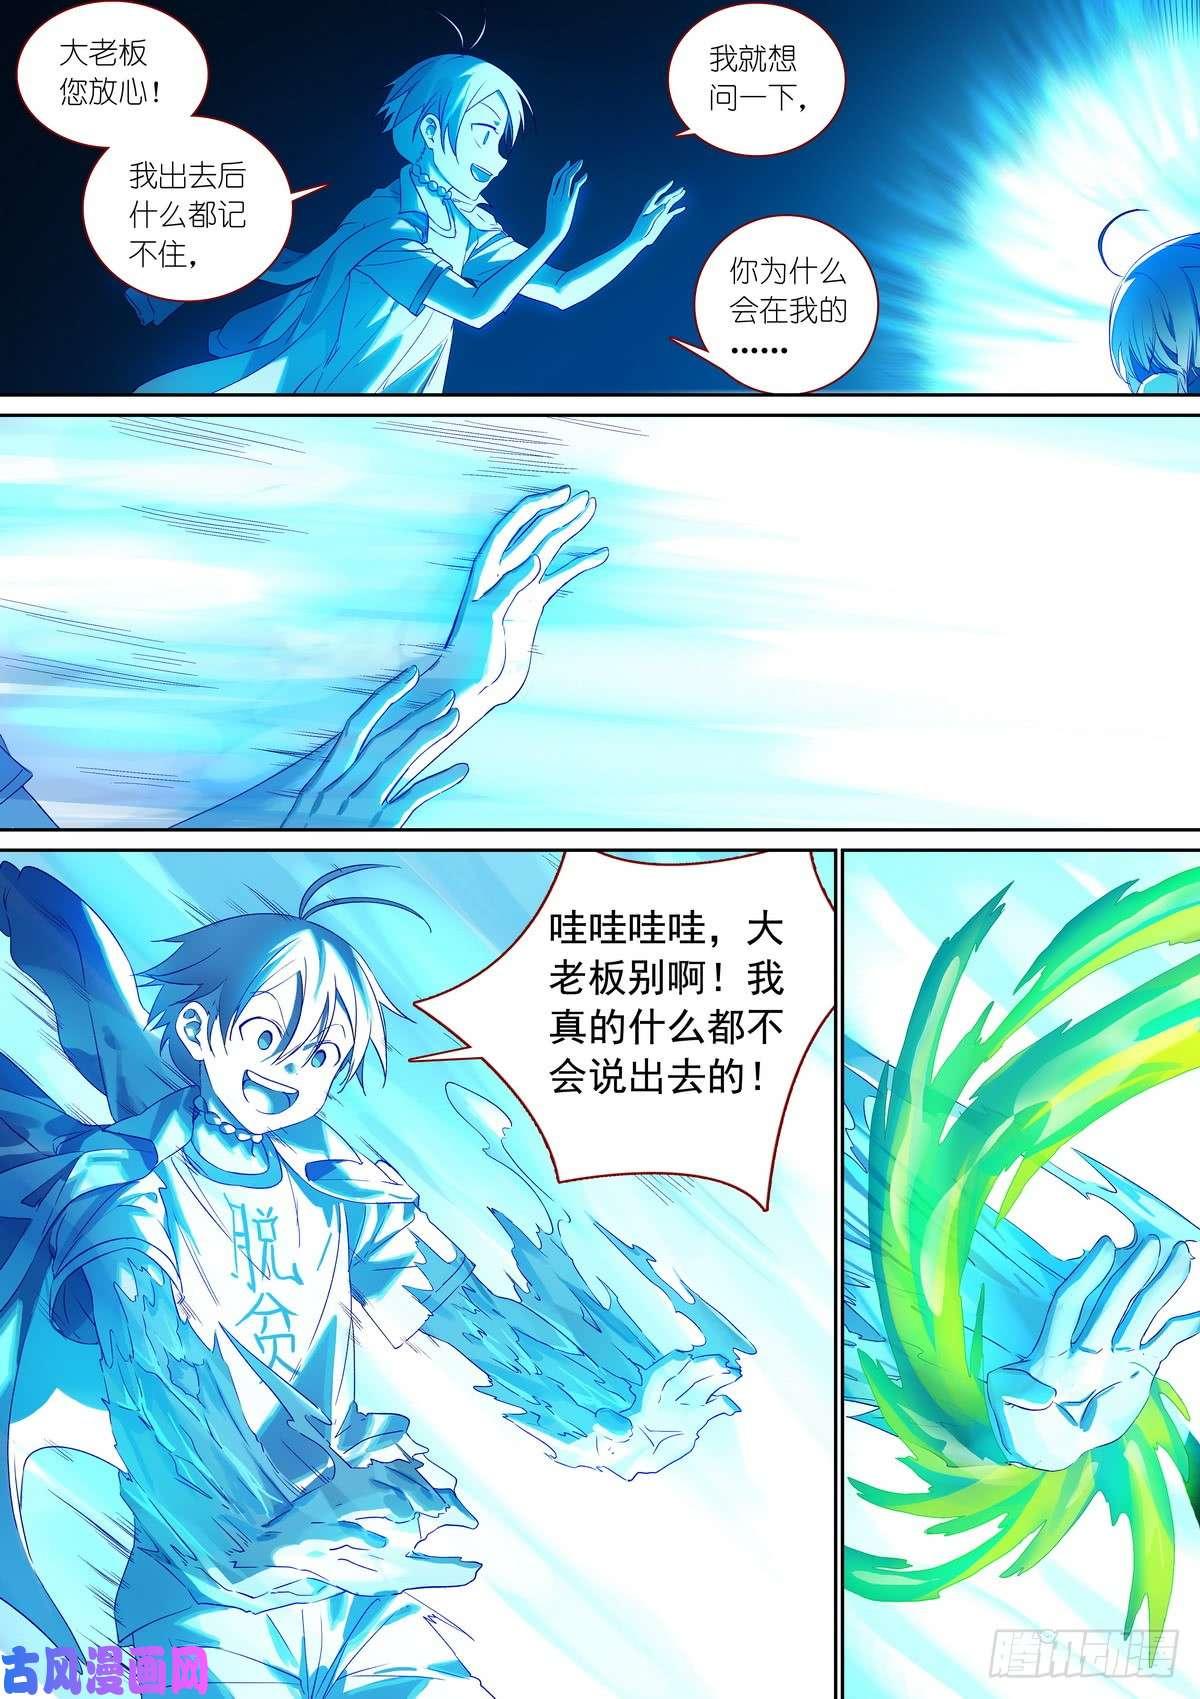 【漫画】狐妖小红娘 【长期更新】求收藏